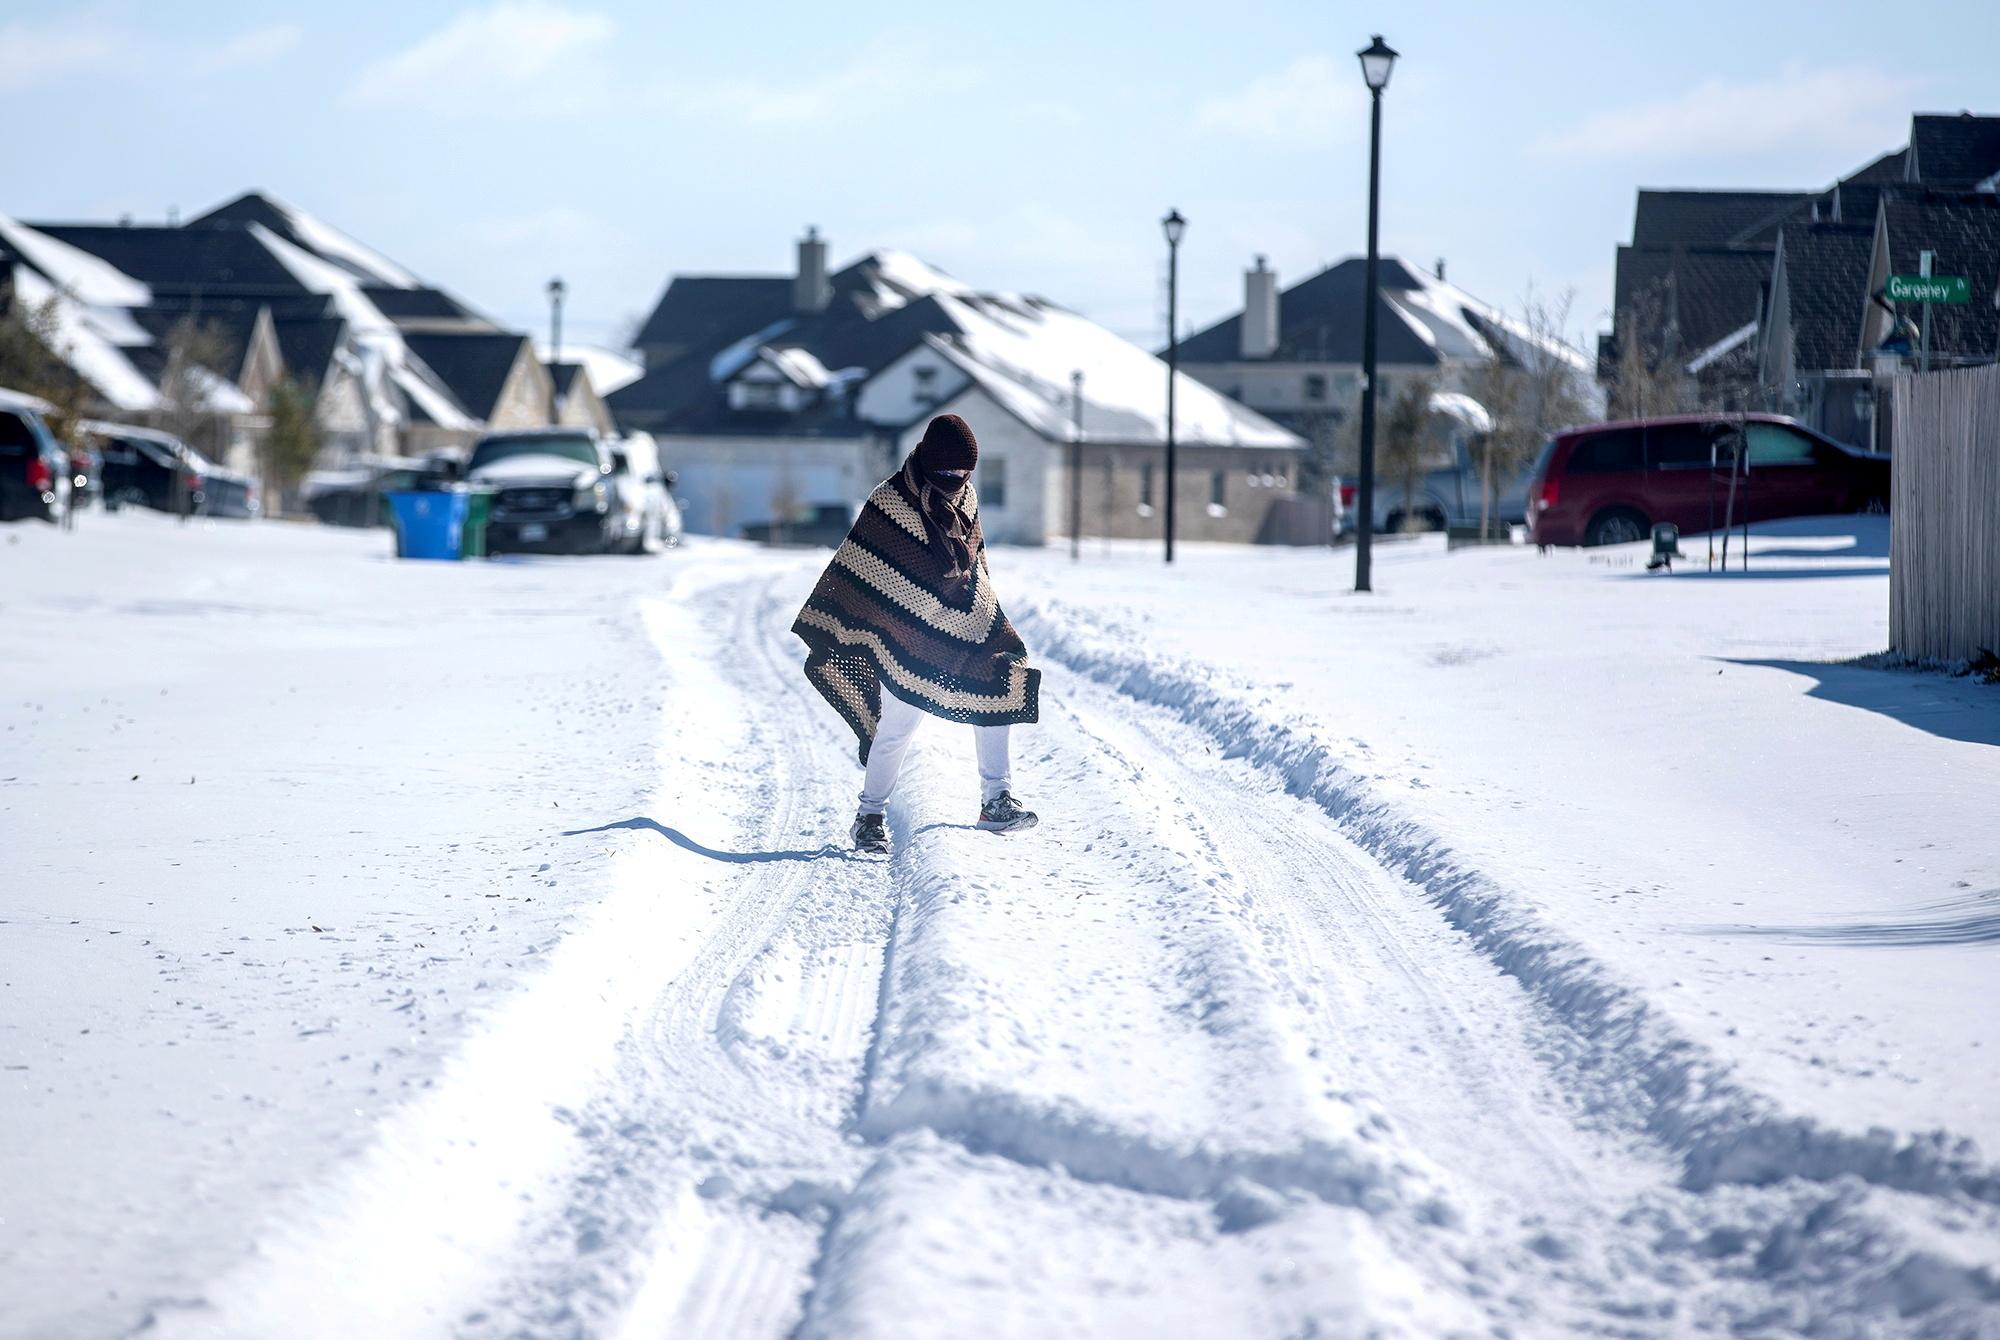 Κακοκαιρία στις ΗΠΑ: Σε απελπισία το Τέξας – Χωρίς νερό 7,9 εκατ. κάτοικοι